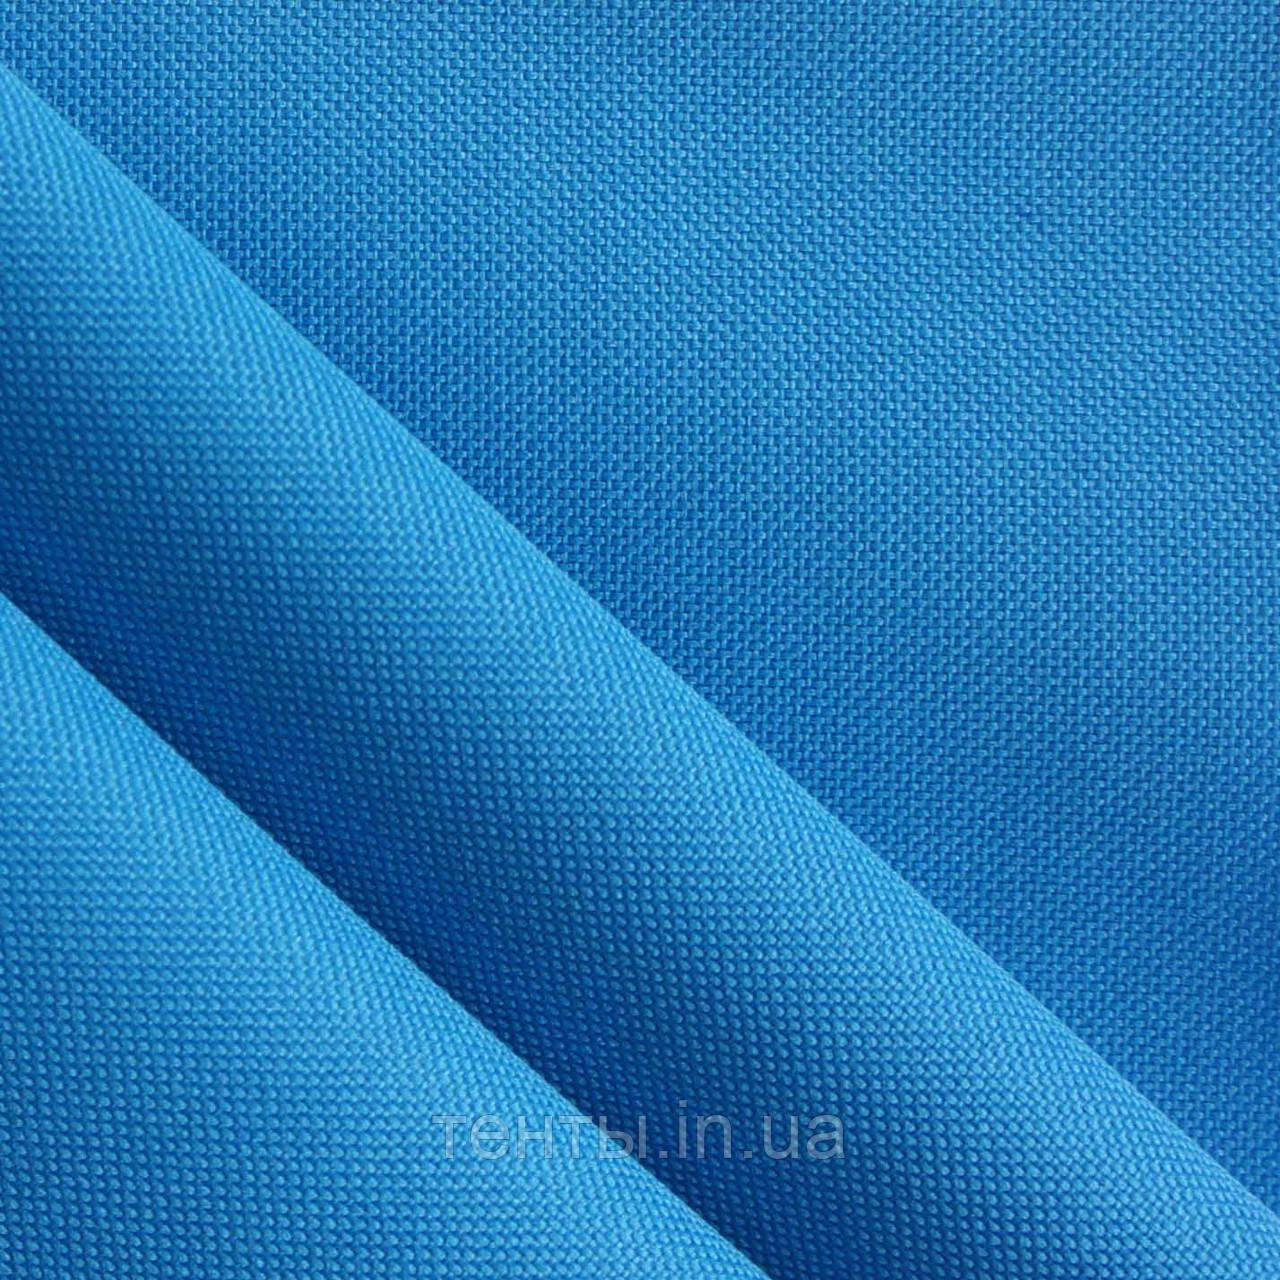 Ремонт лодочных тентов, а также пошив изделий из материала заказчика